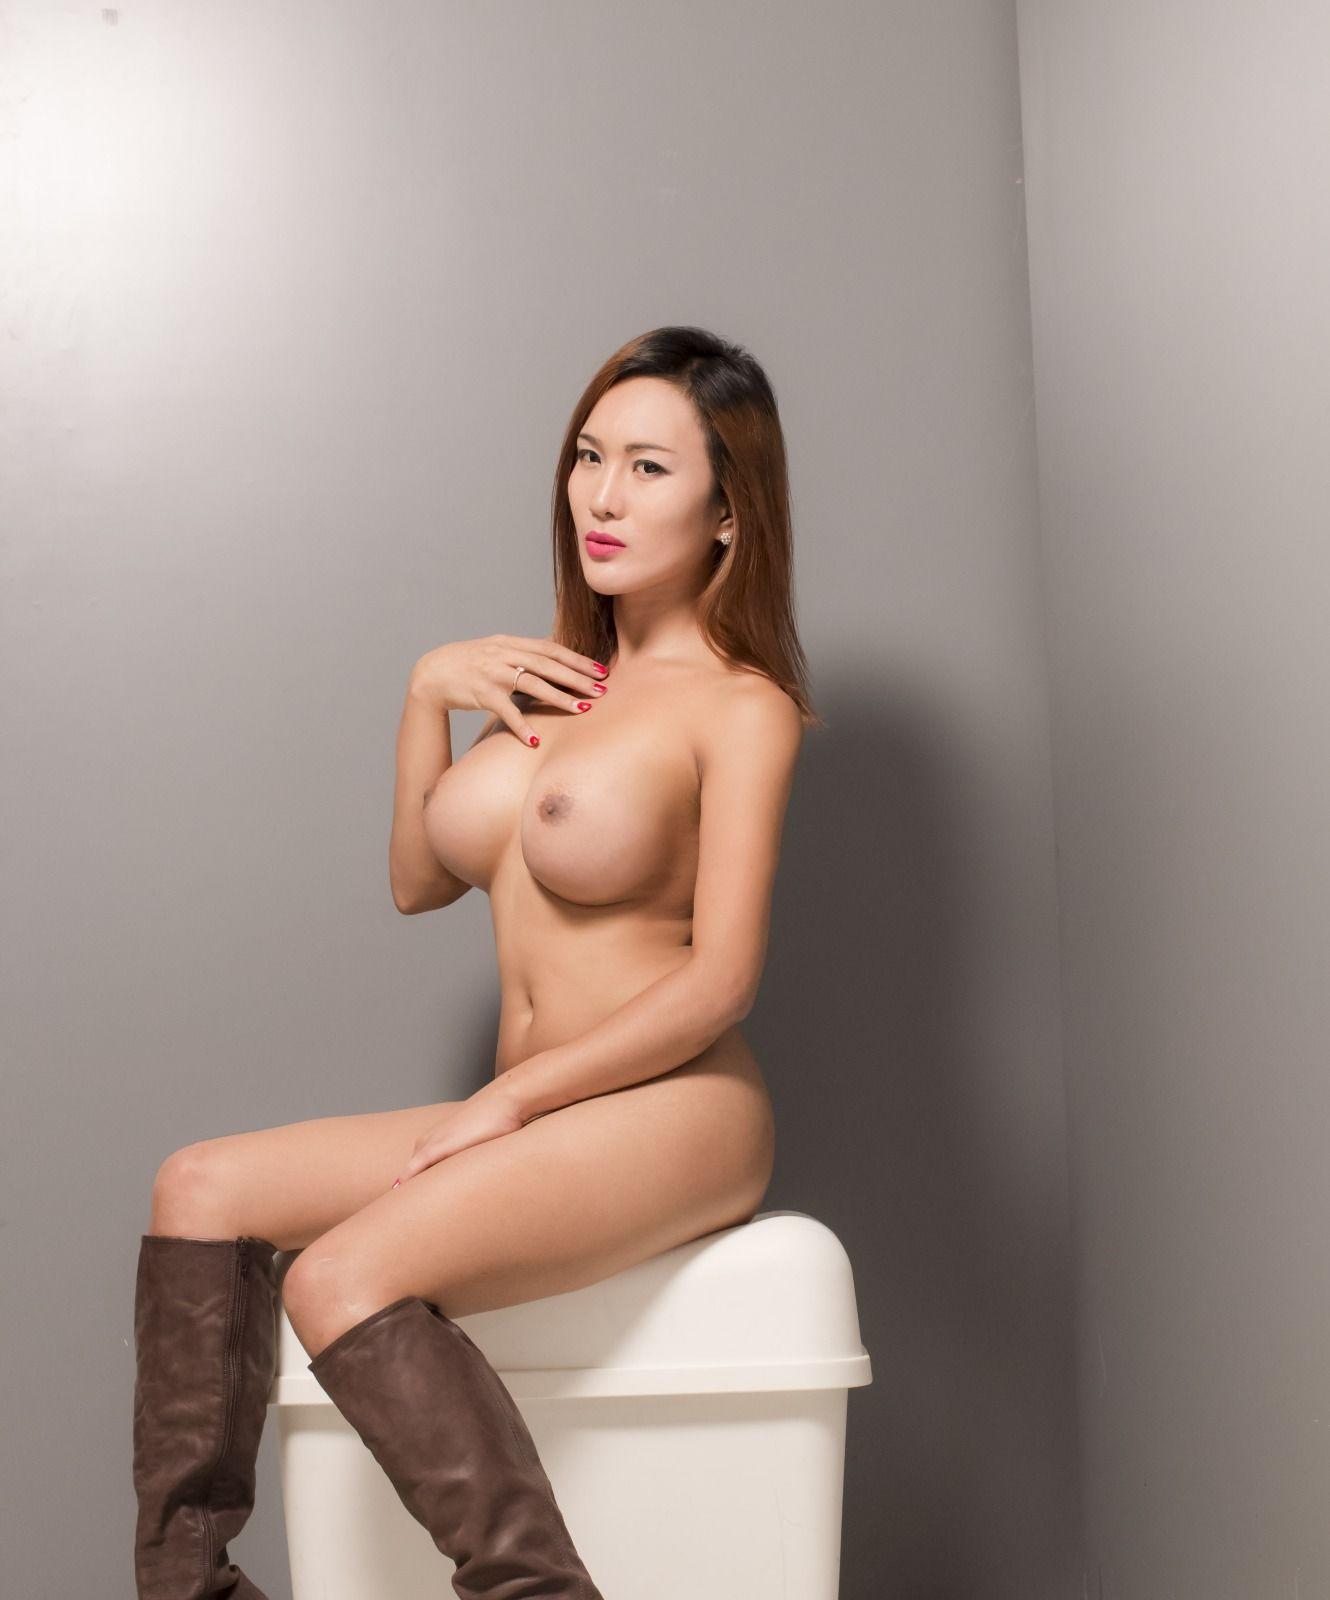 Hong kong transexual escorts